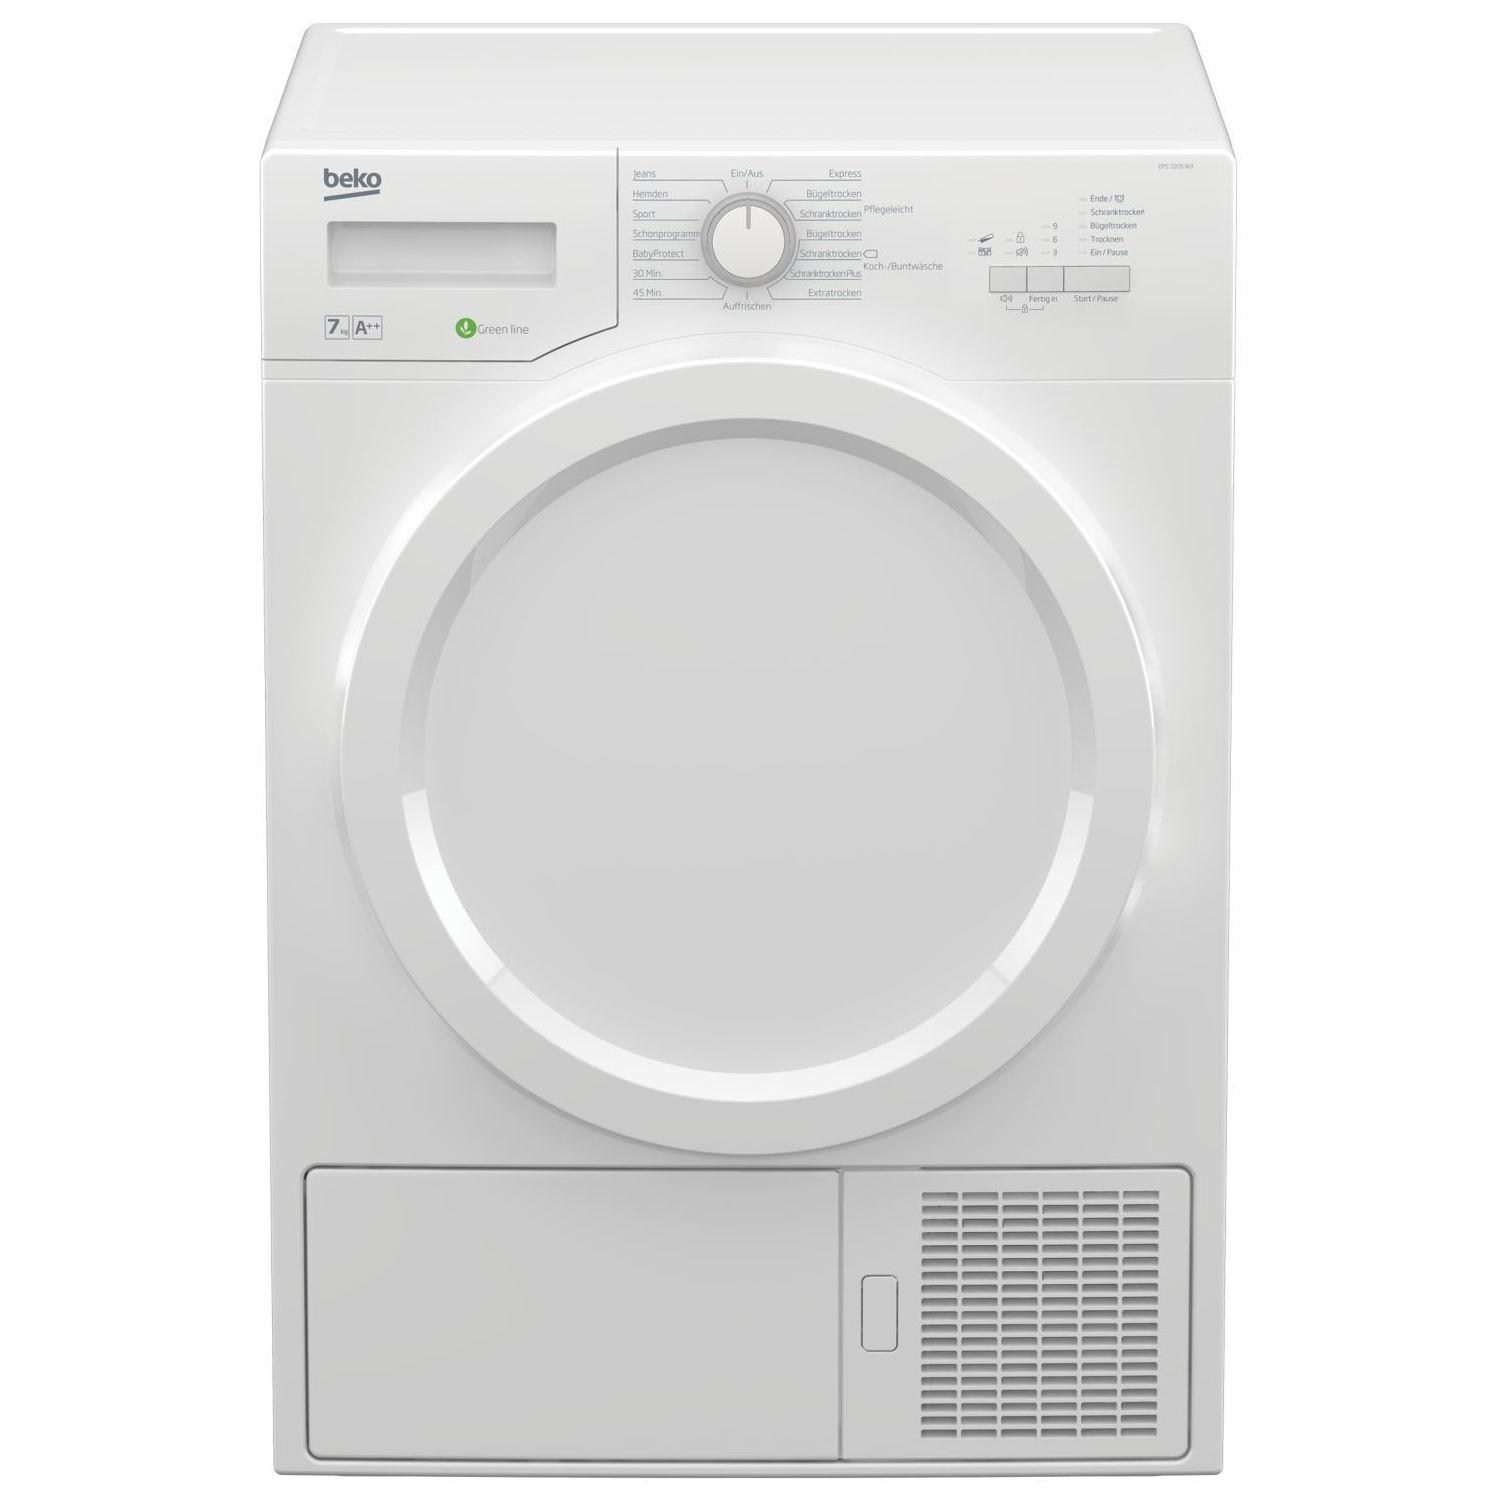 SECADORA BEKO DPS 7205 W3